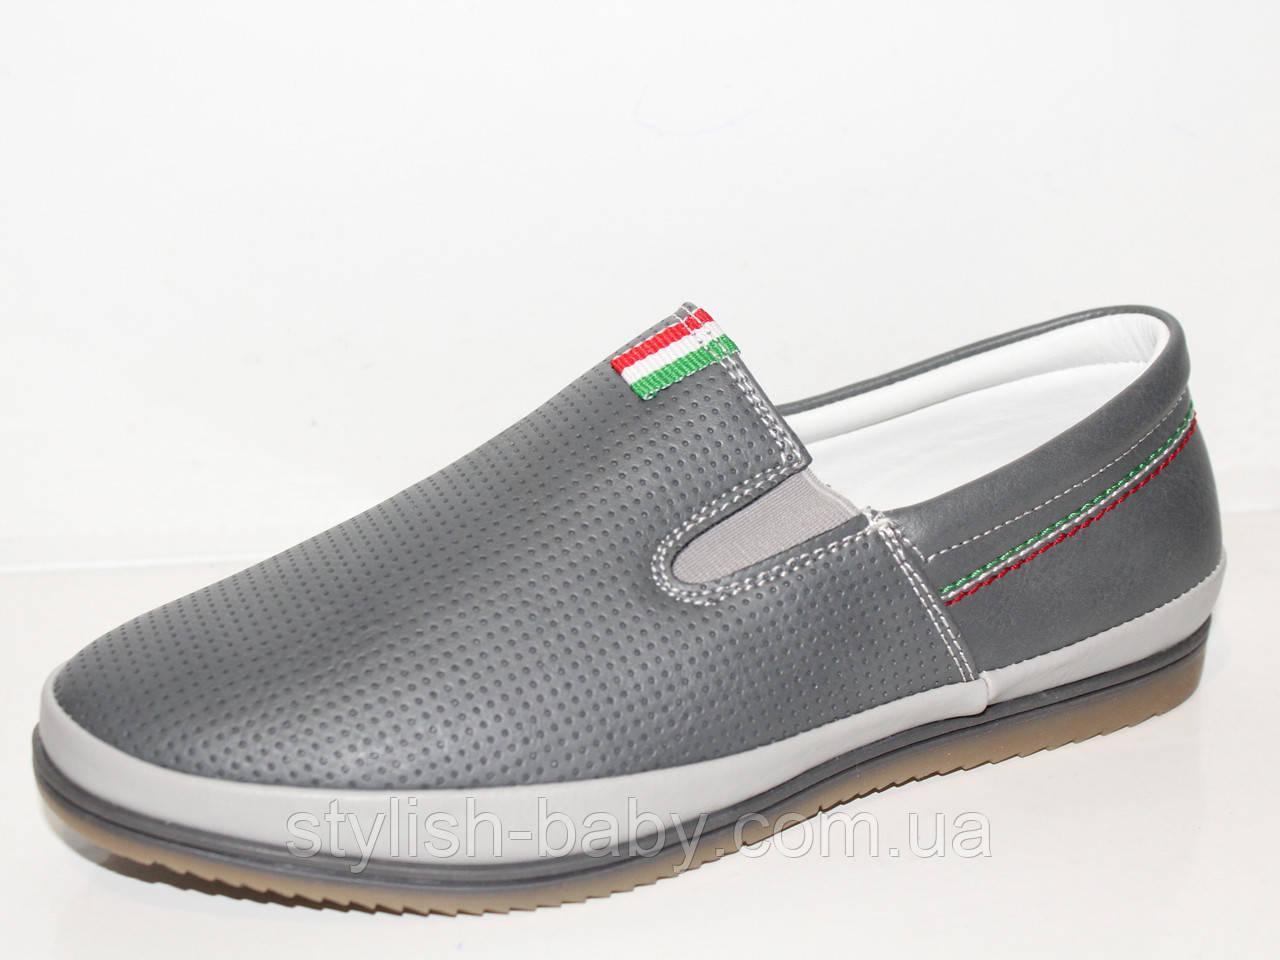 Детская обувь оптом. Подростковые туфли бренда Tom.m для мальчиков (рр. с 33 по 40)